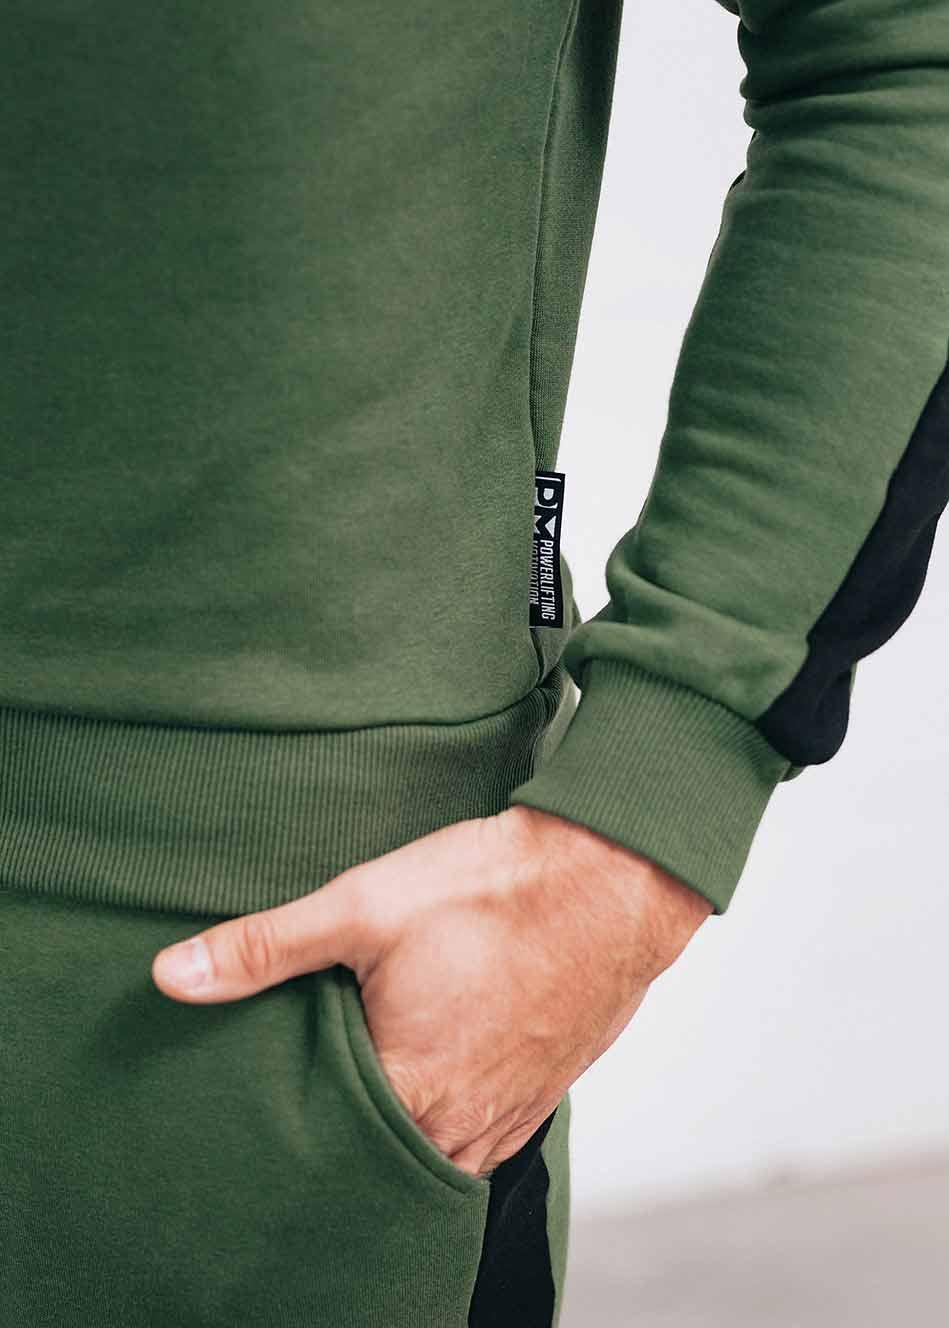 adapt-a-green-sweatshirt-side-label